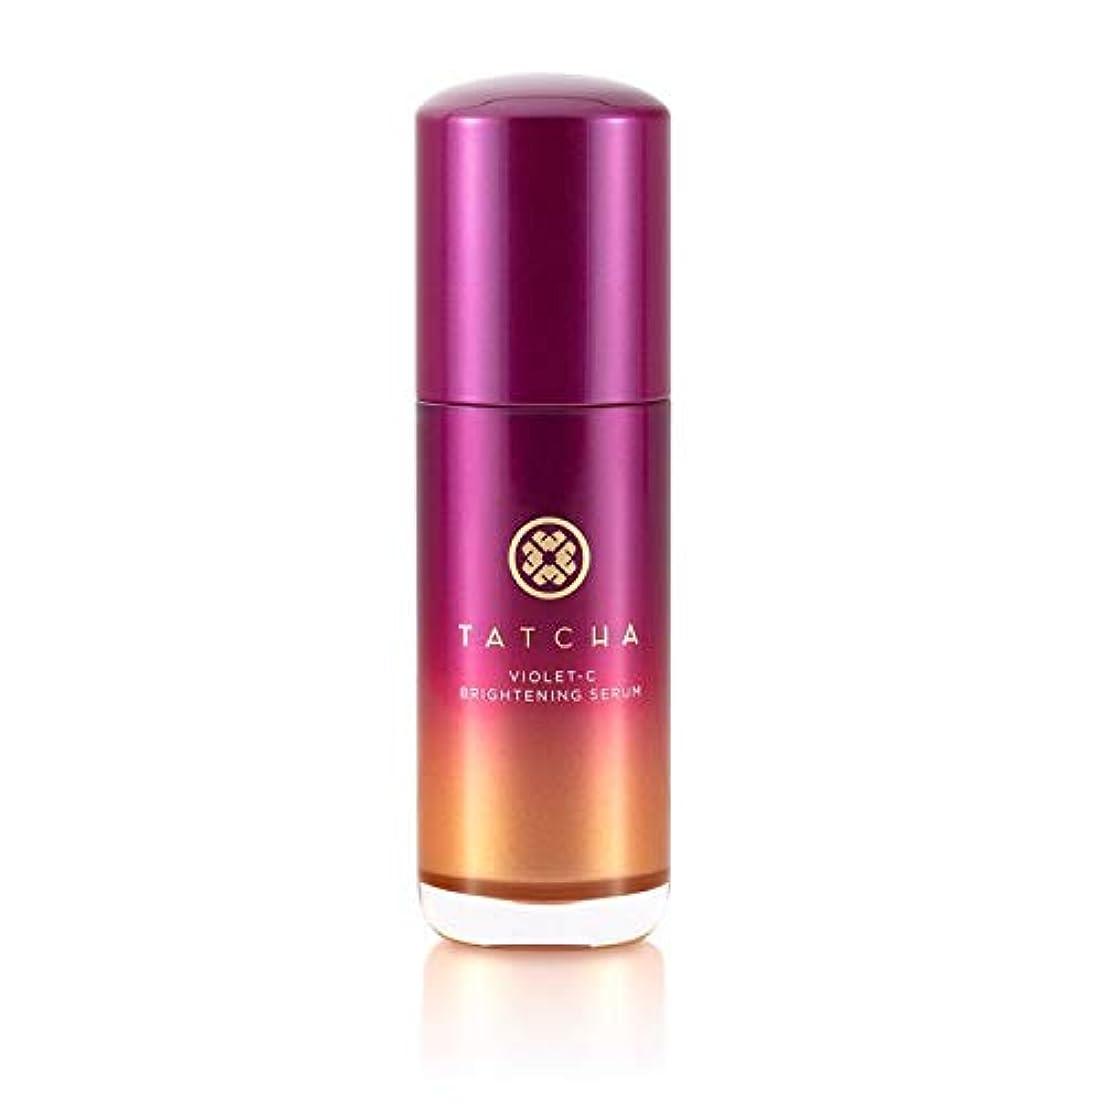 アパル記念碑的なスツールTATCHA Violet-C Brightening Serum (20% Vitamin C + 10% AHA) タチャ バイオレットC ブライトニング セラム 美容液 30ml